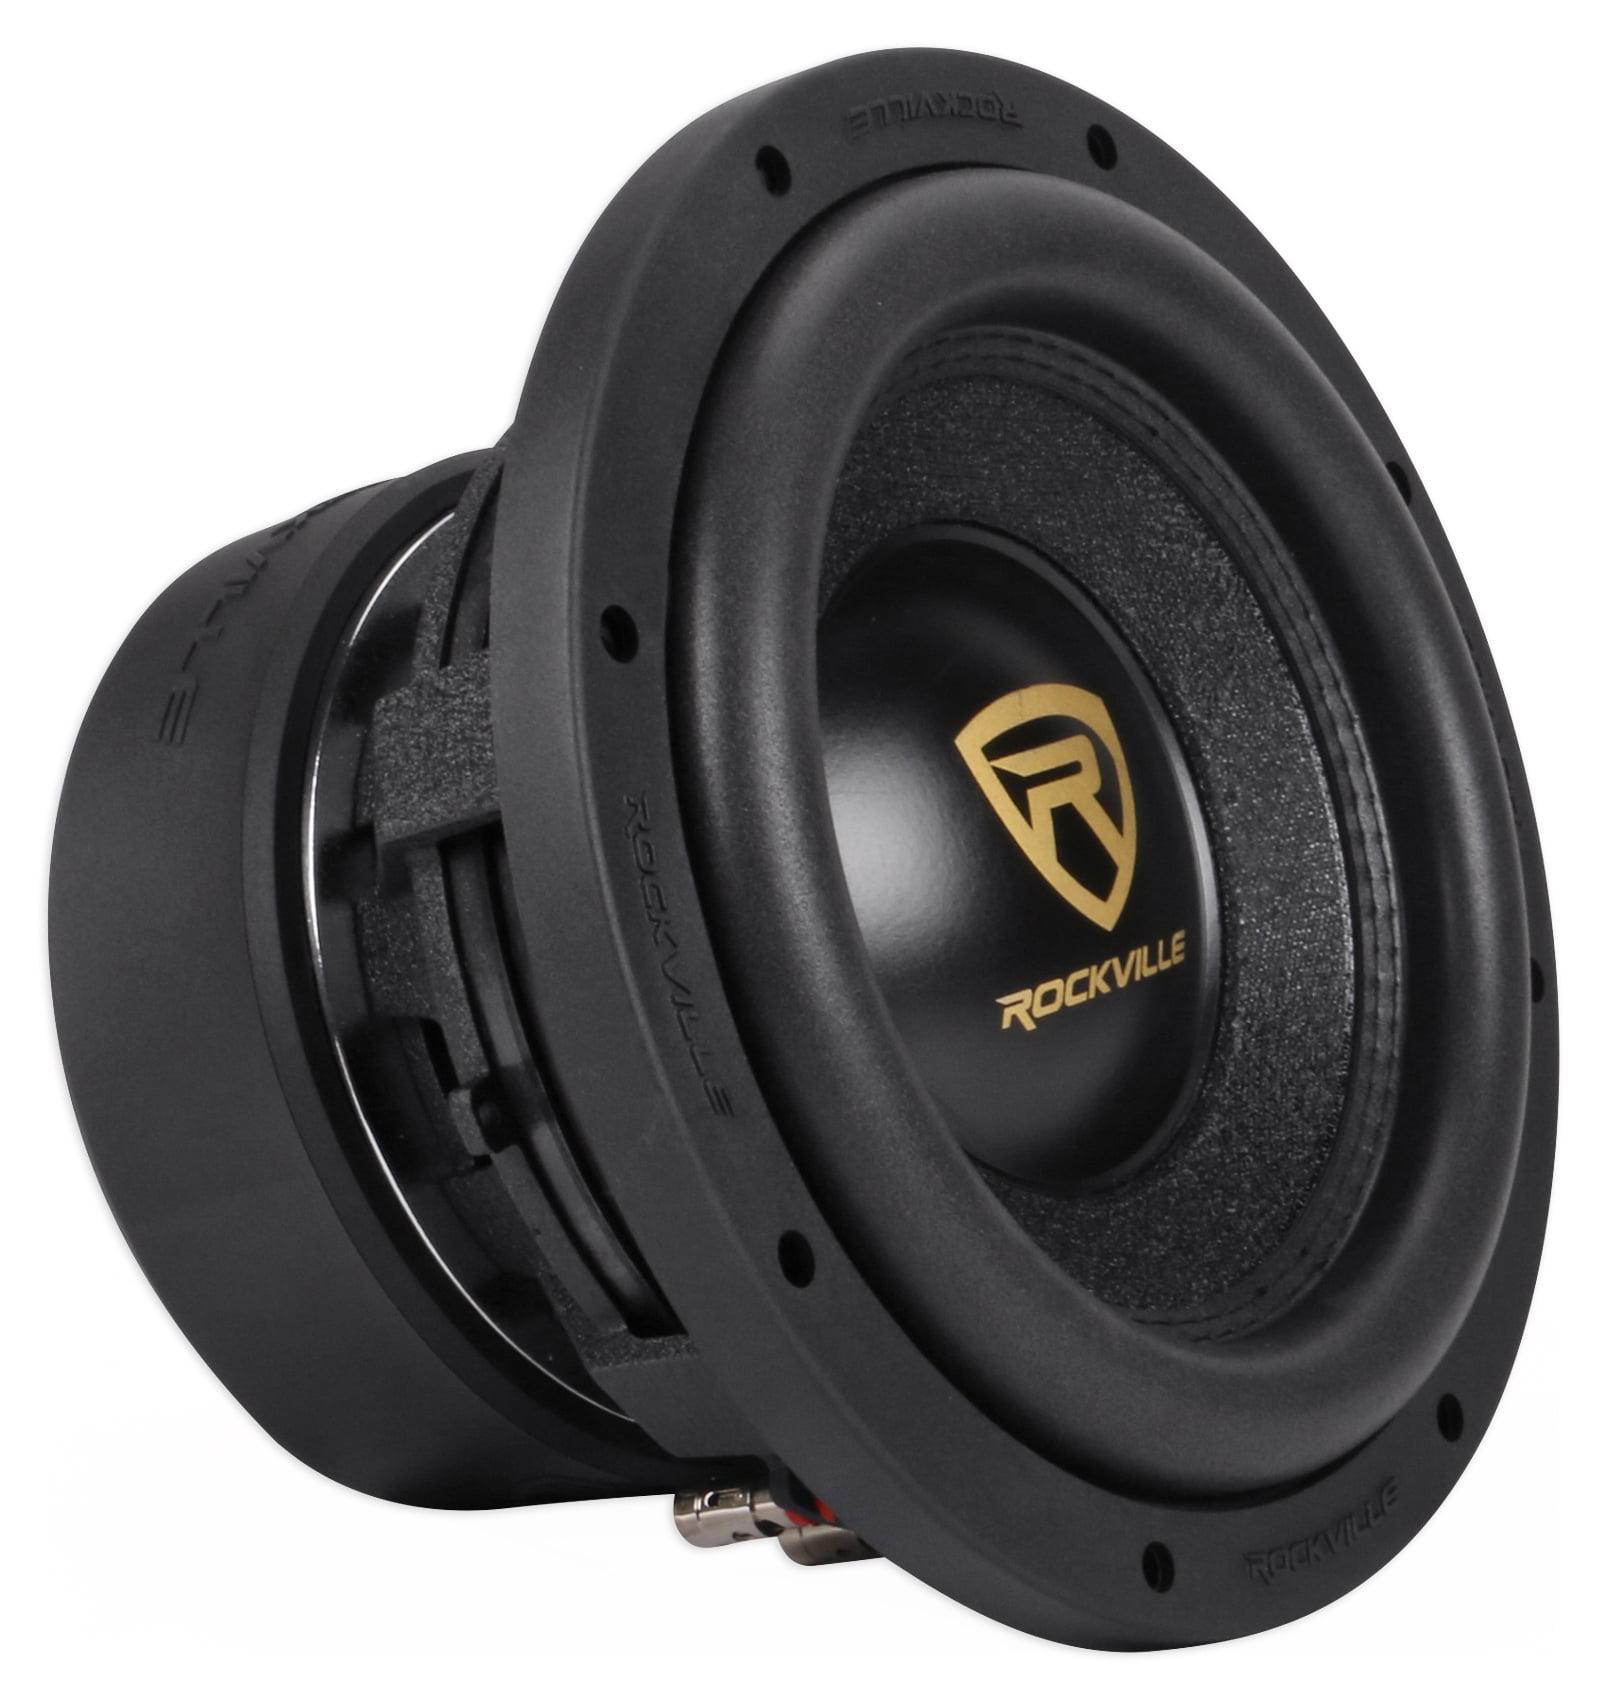 2 Rockville W10K9D2 10 6400 Watt Car Audio Subwoofers Dual 2-Ohm Subs